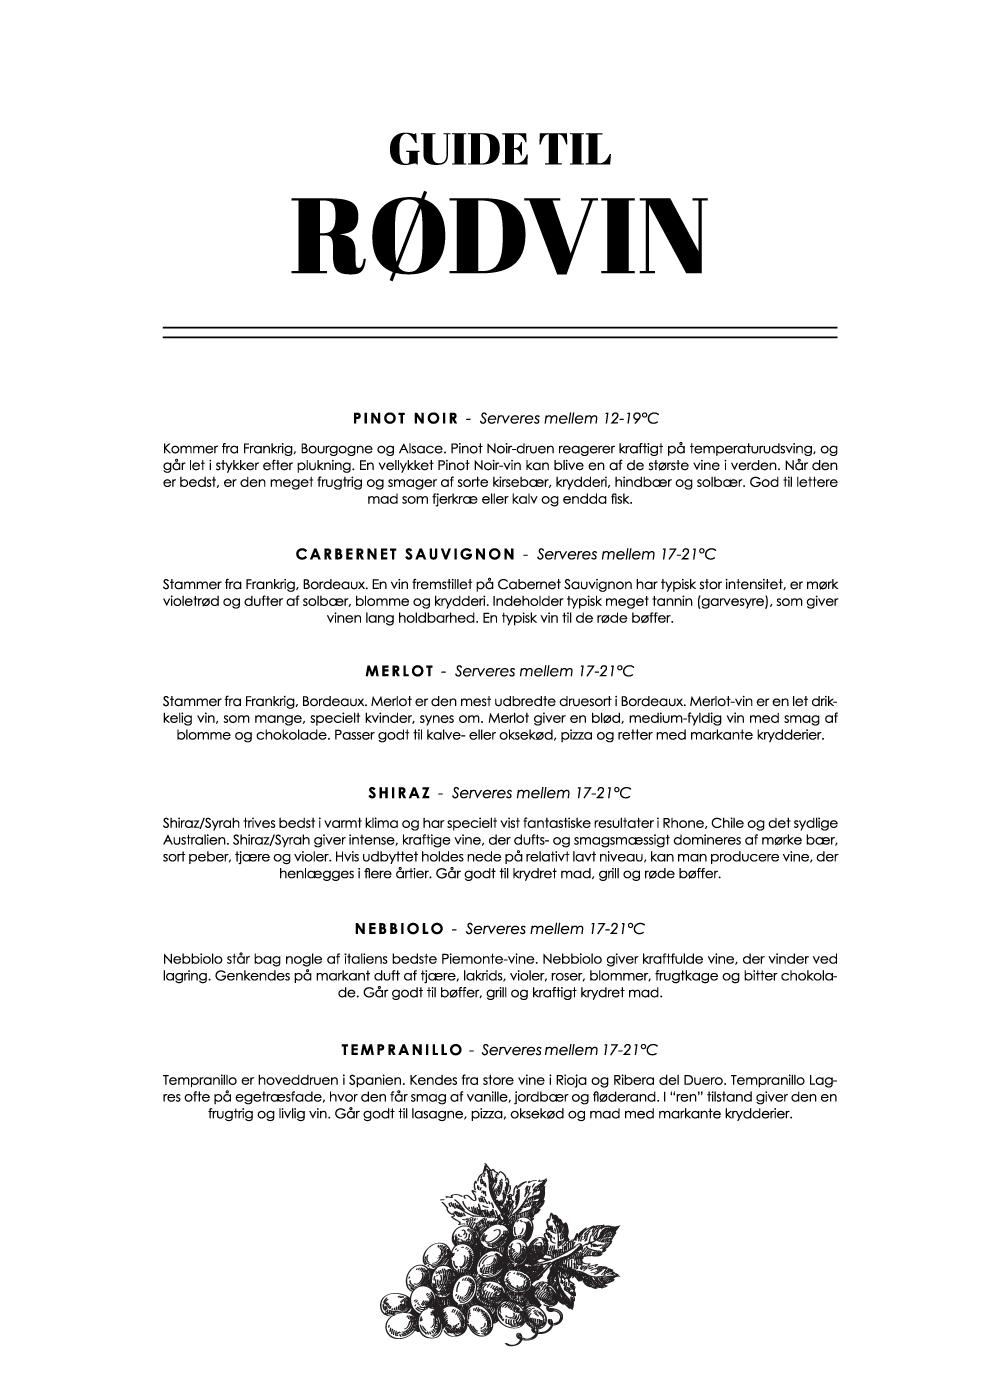 Billede af Rødvin - Wine guide plakat